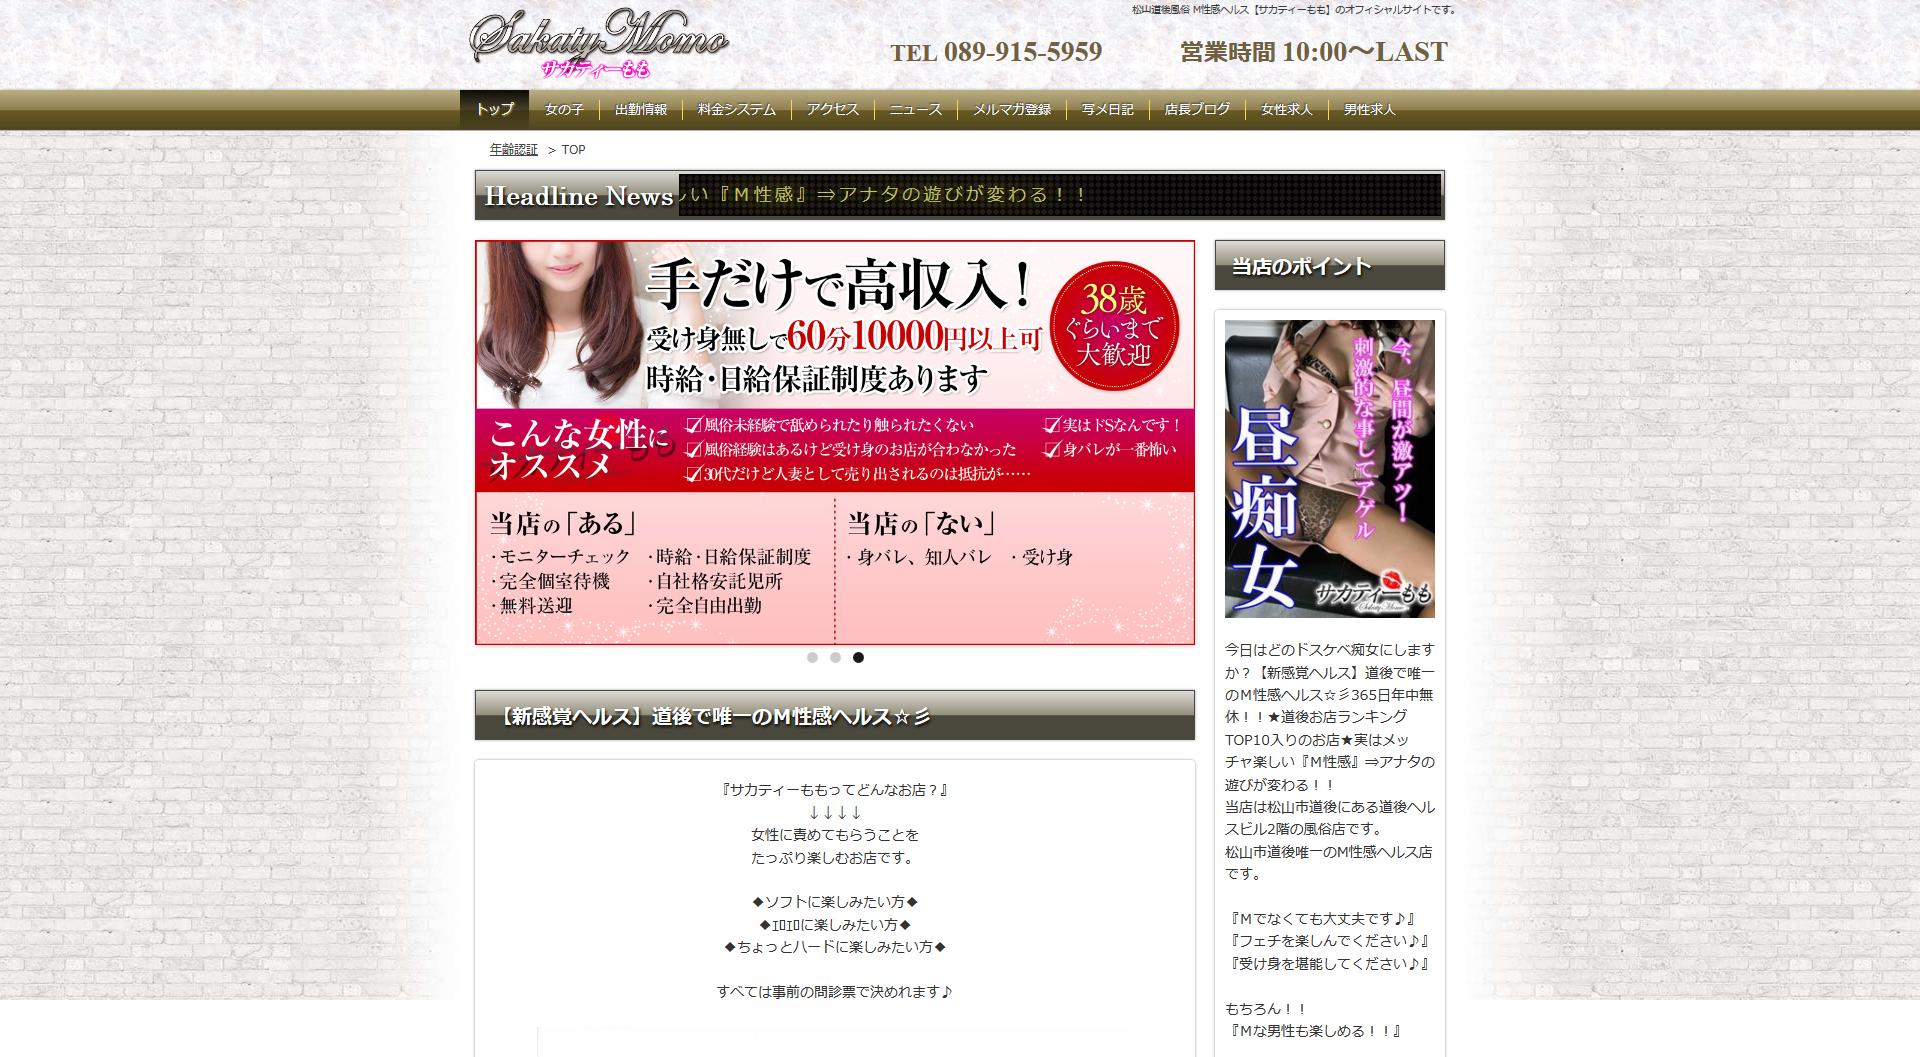 松山市道後多幸町 サカティーもも[M性感]のホームページ